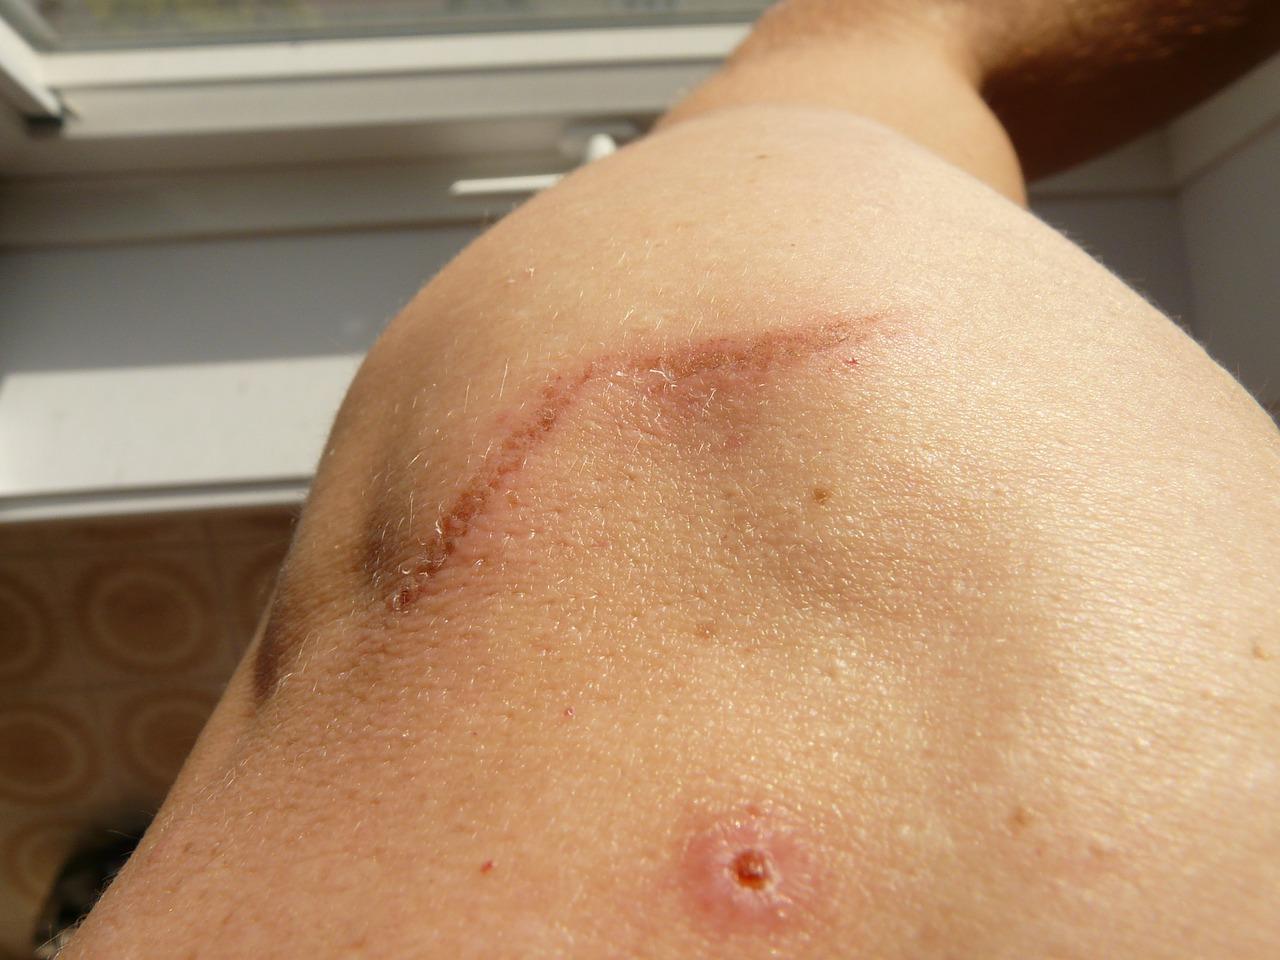 Las cicatrices de cualquier tipo tienen ángulos completamente desagradables muchas veces